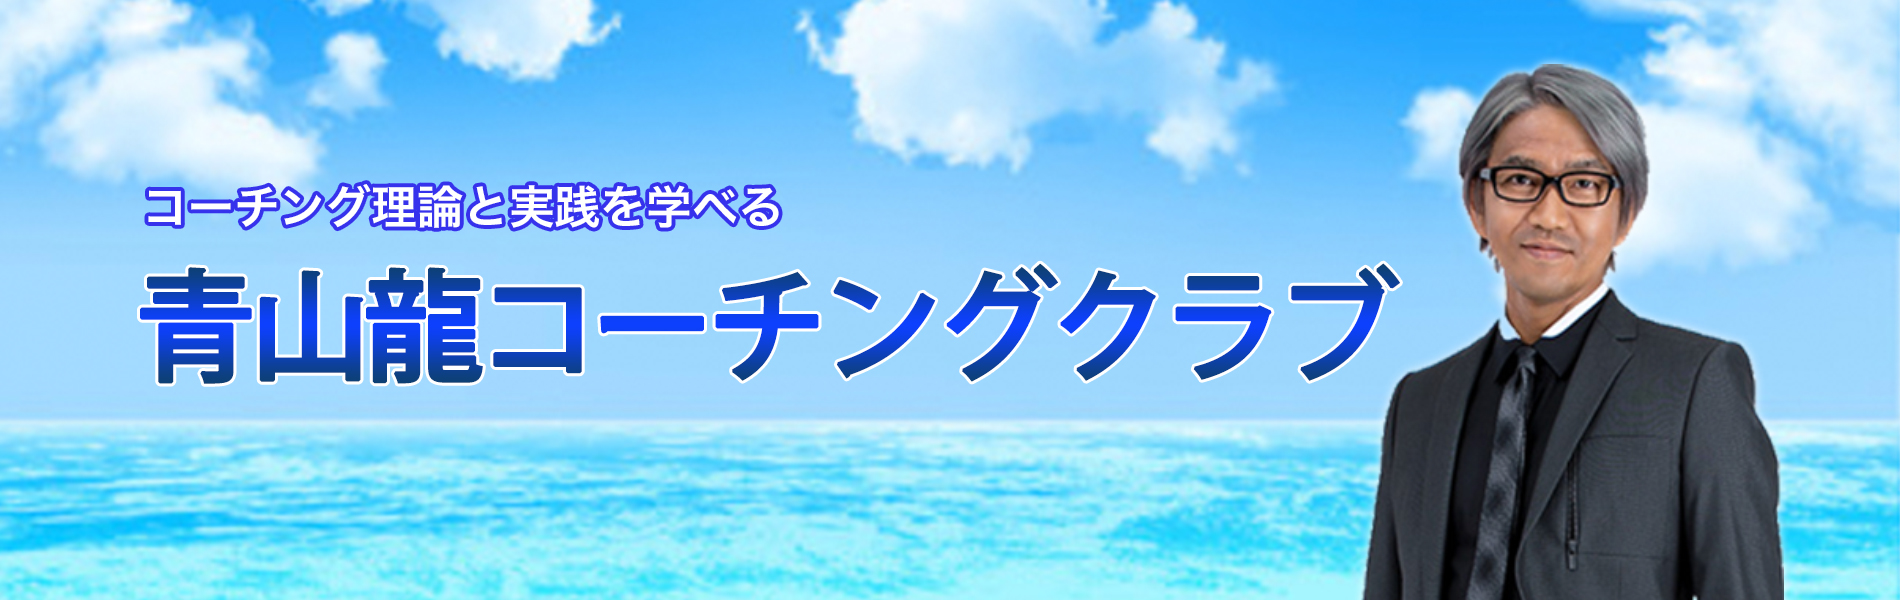 青山龍コーチングクラブ メインビジュアル1